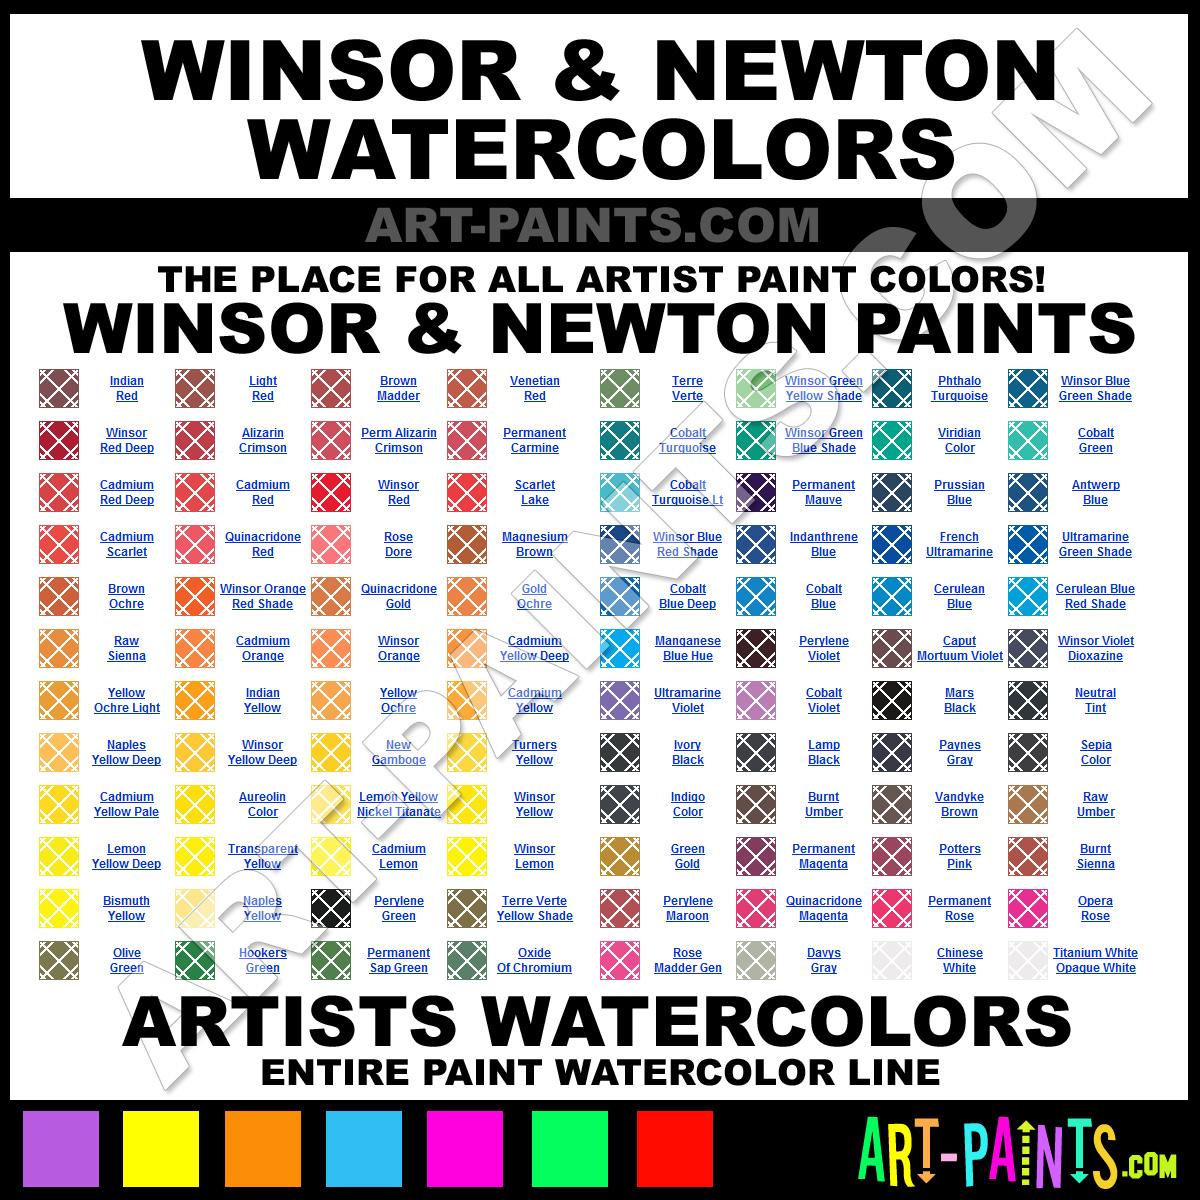 Folk art color chart acrylic paint - Winsor And Newton